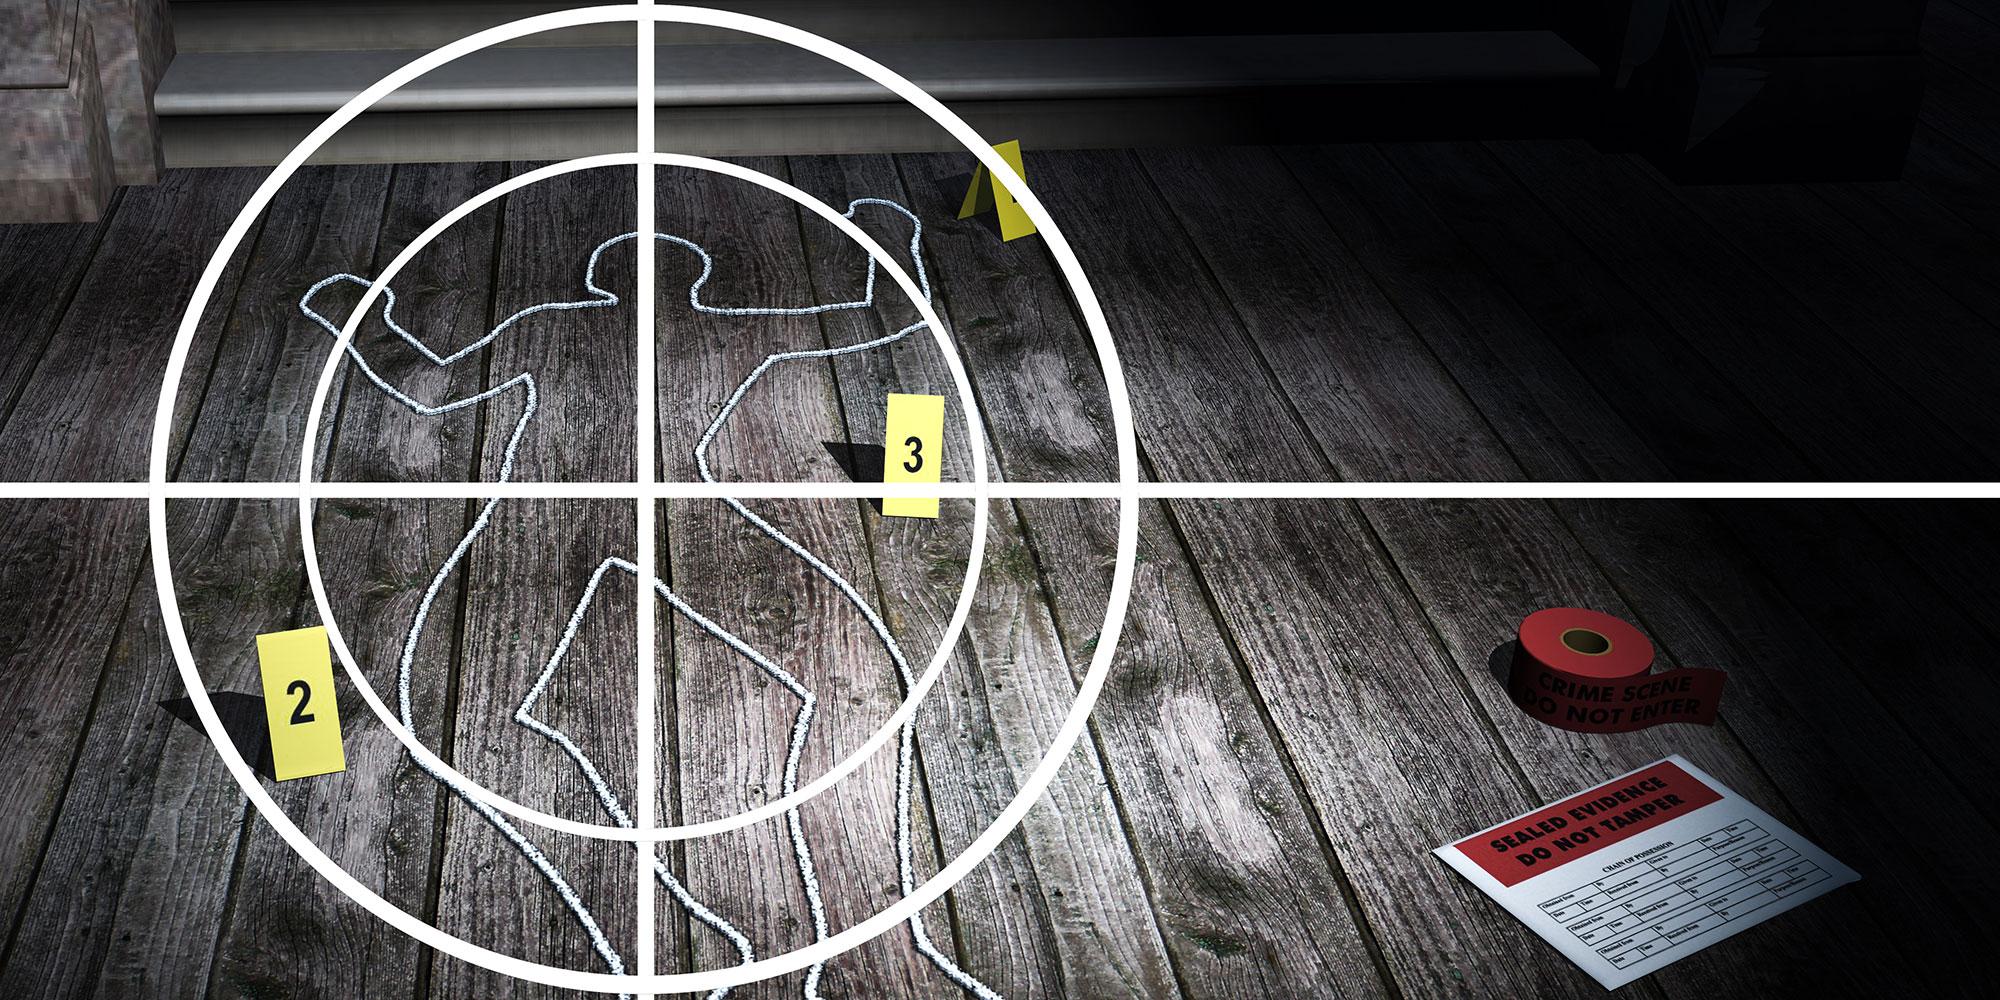 Mordgåta aktivitet - Mordet